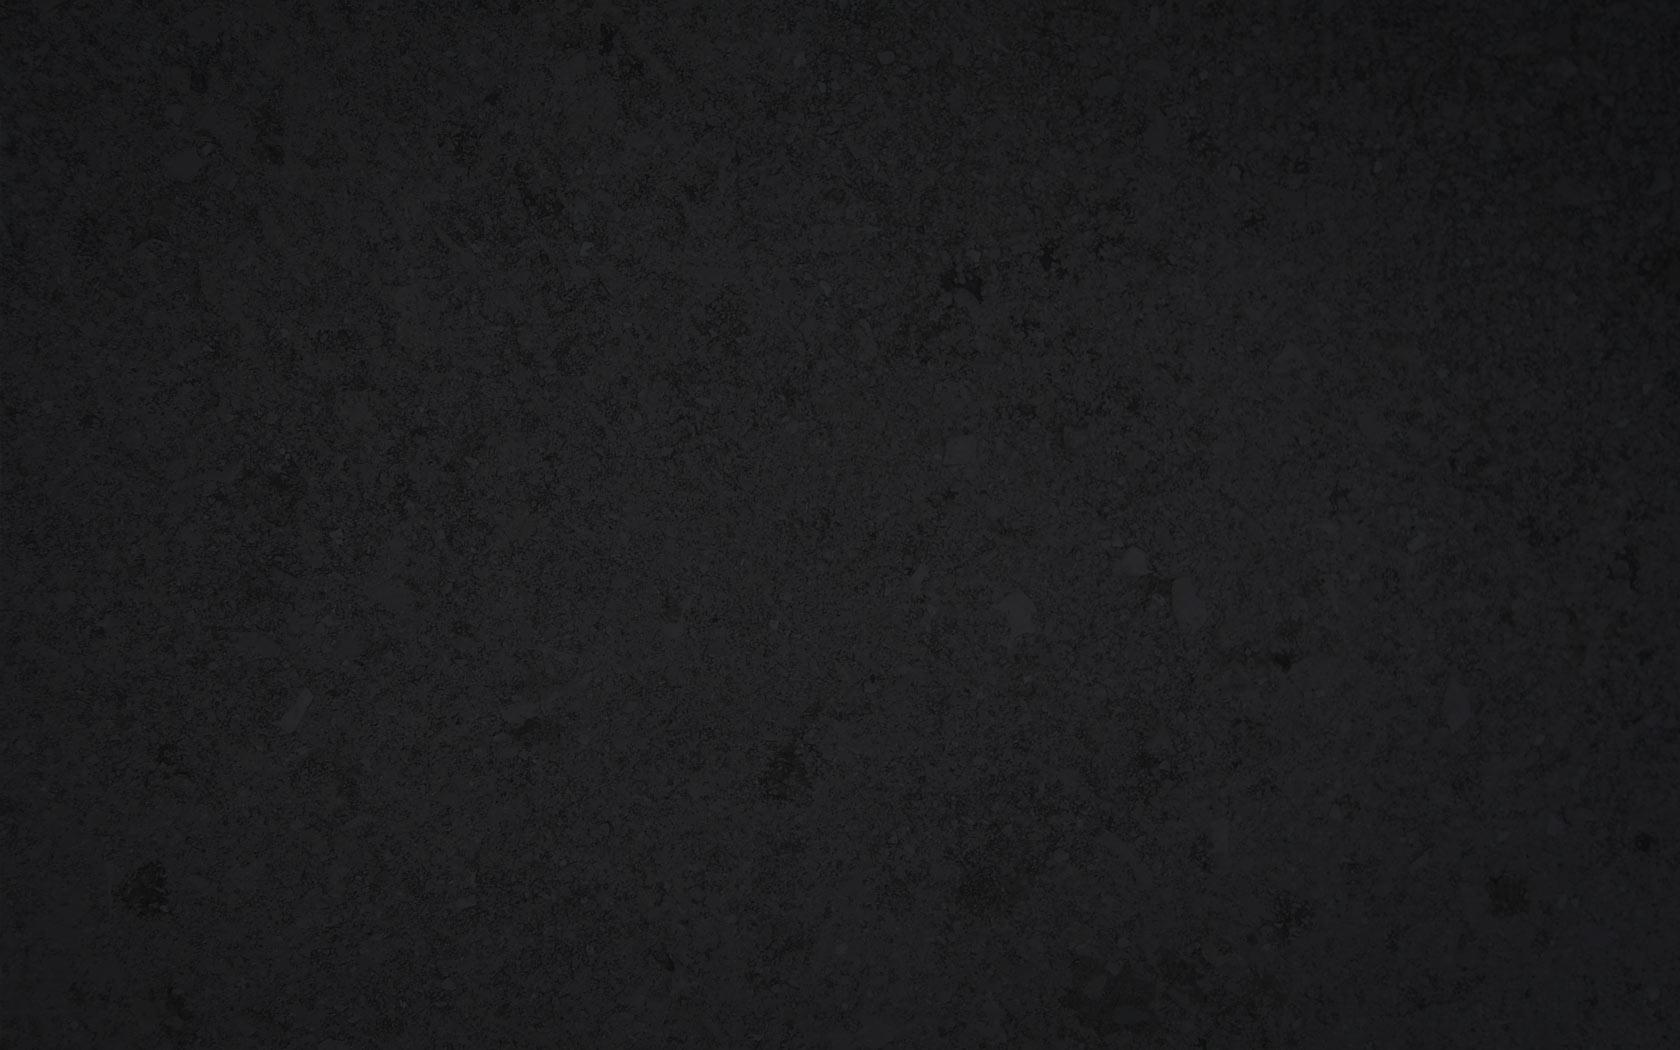 Textura de color negro - 1680x1050